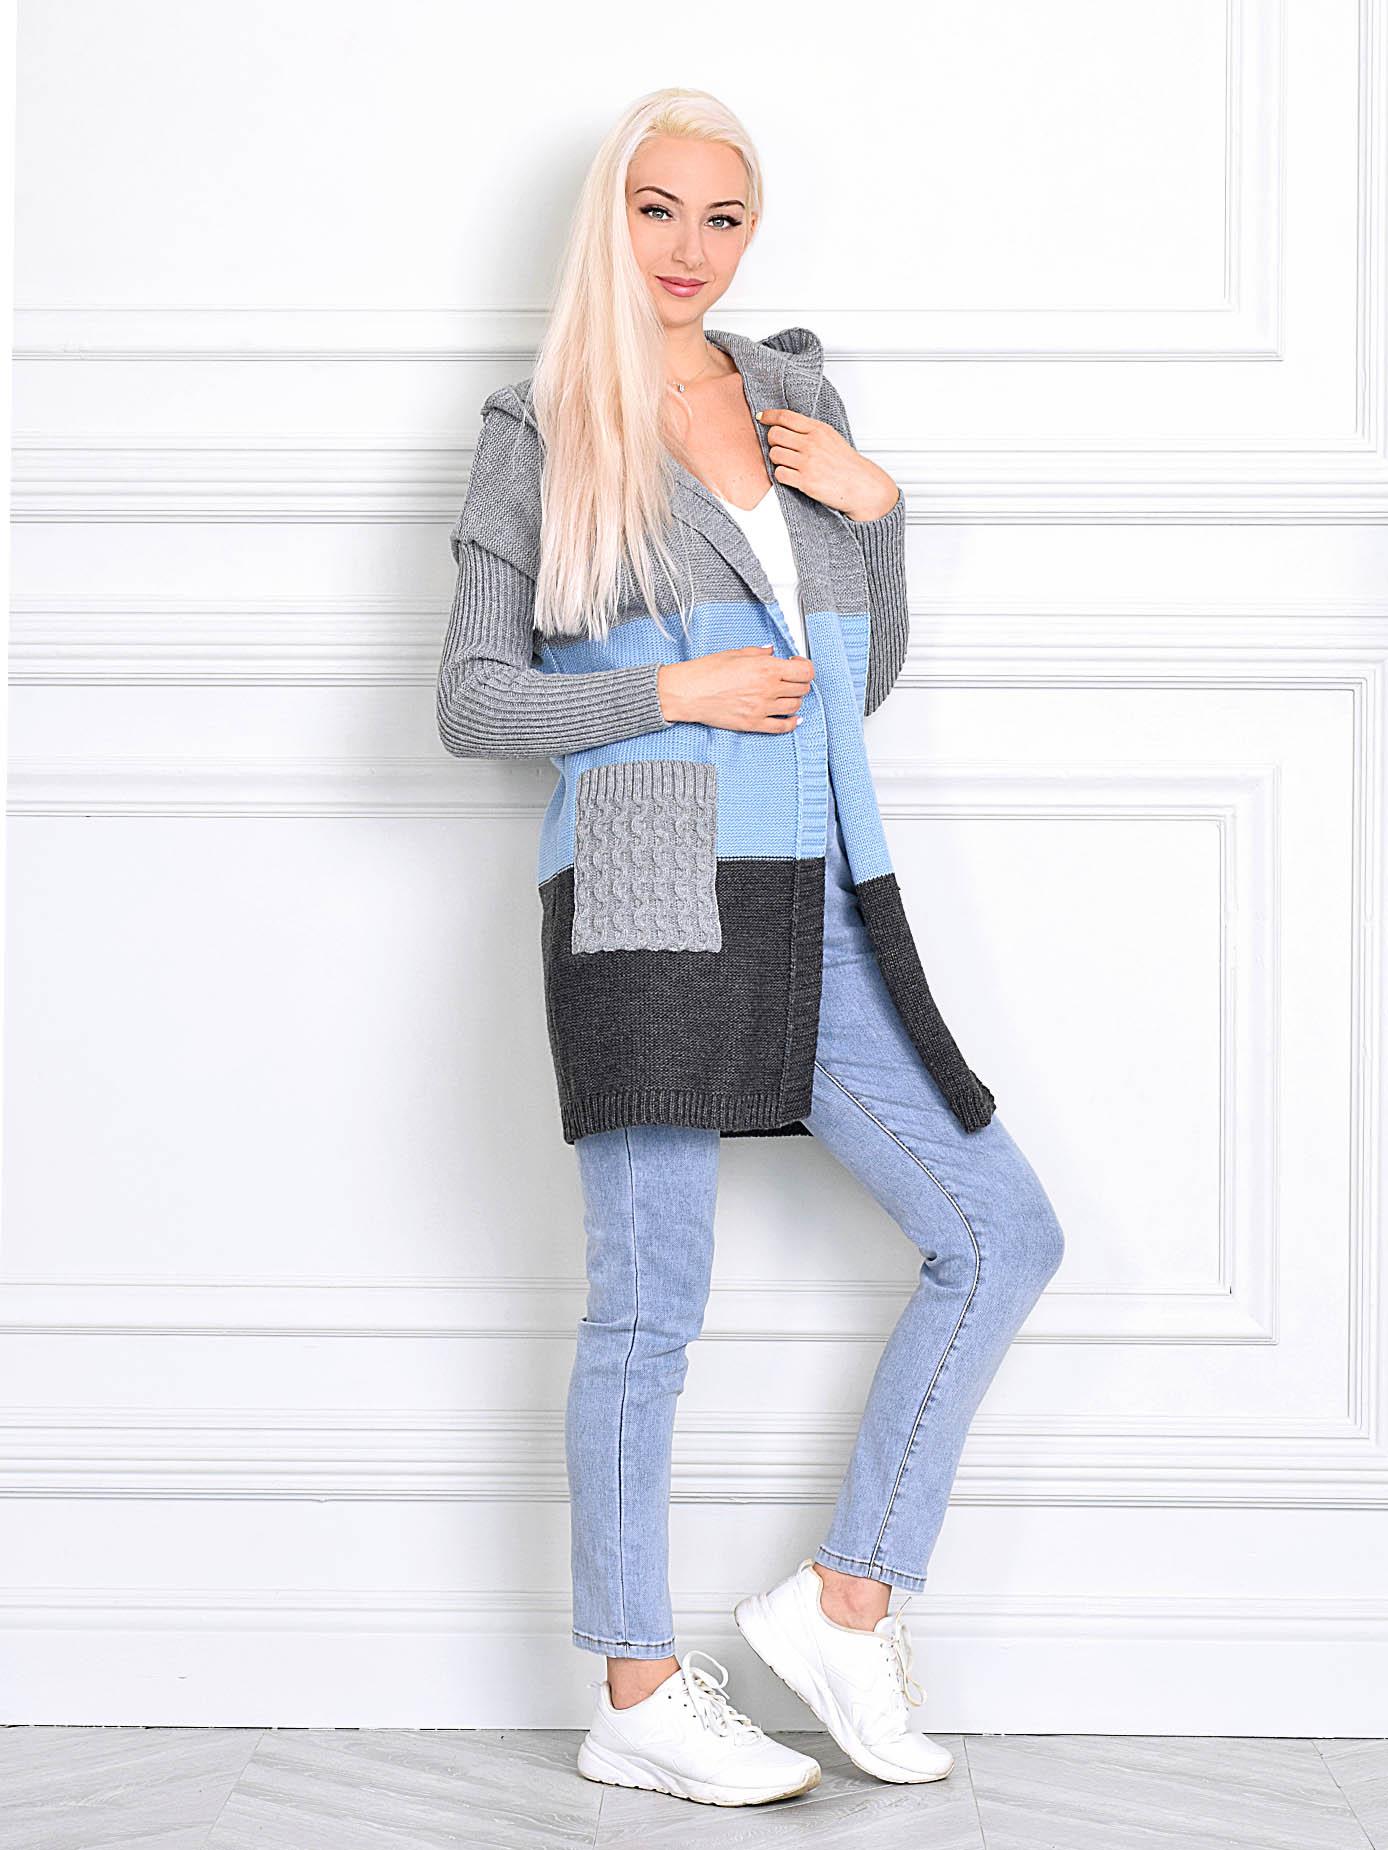 Кардиган женский MILANIKA 1306 голубой 52 RU, 1306